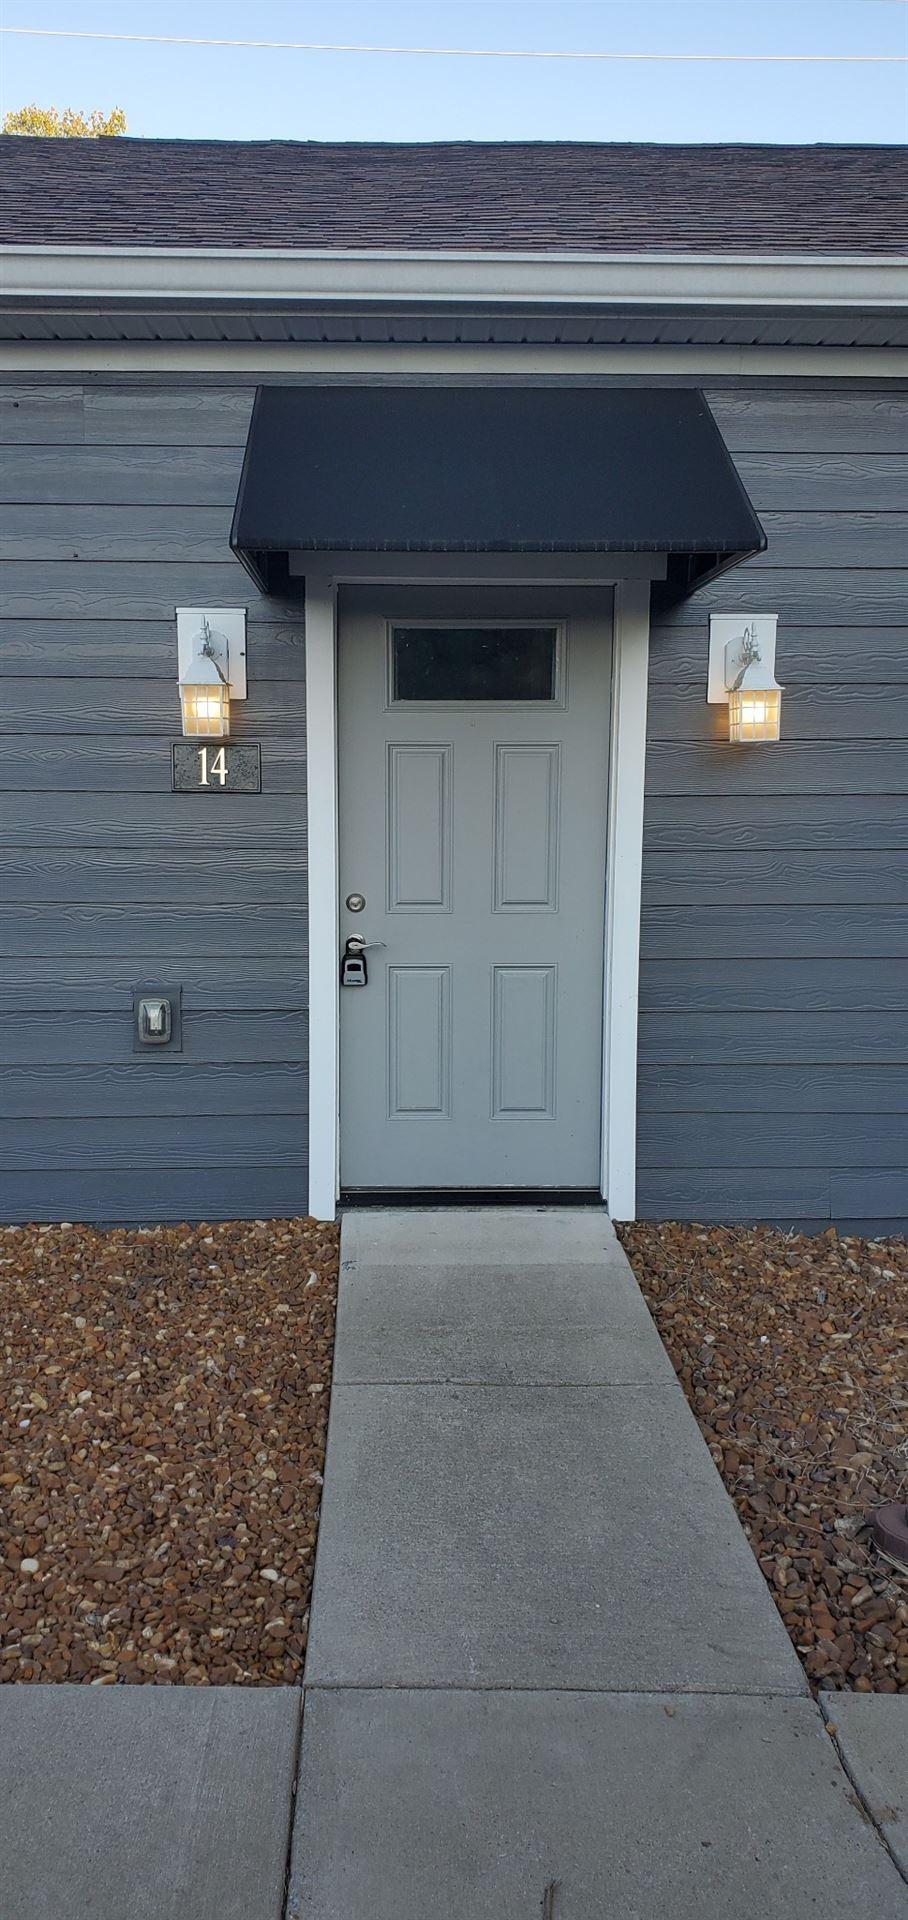 171 Bell Rd #14, Nashville, TN 37217 - MLS#: 2220690